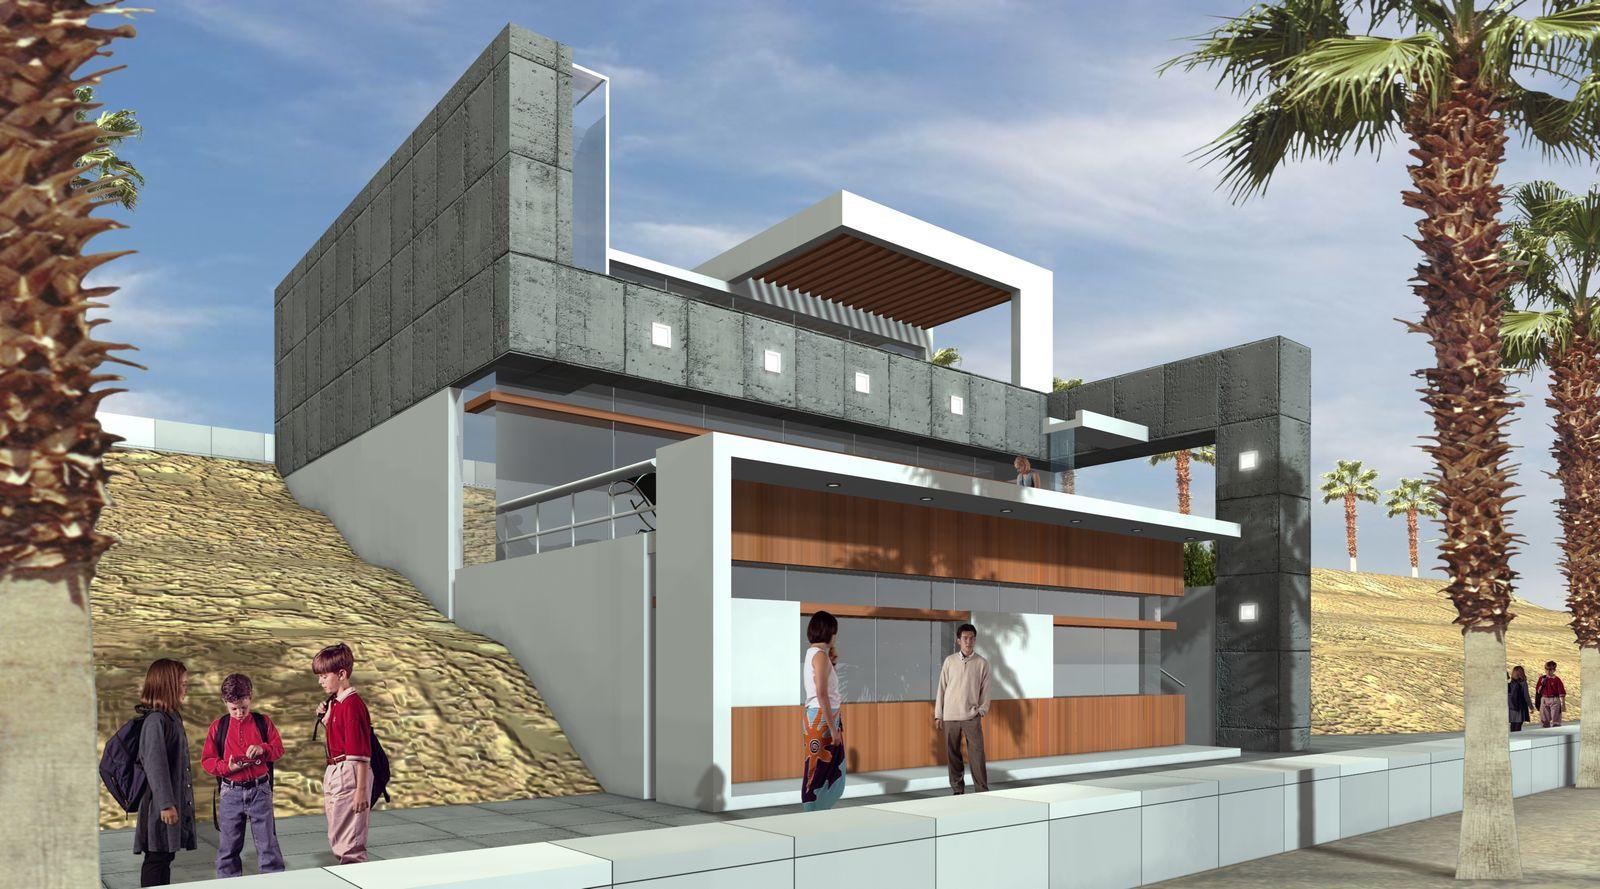 Diego del Castillo - Casa de Playa Barrancadero - oaudarq-01.jpg